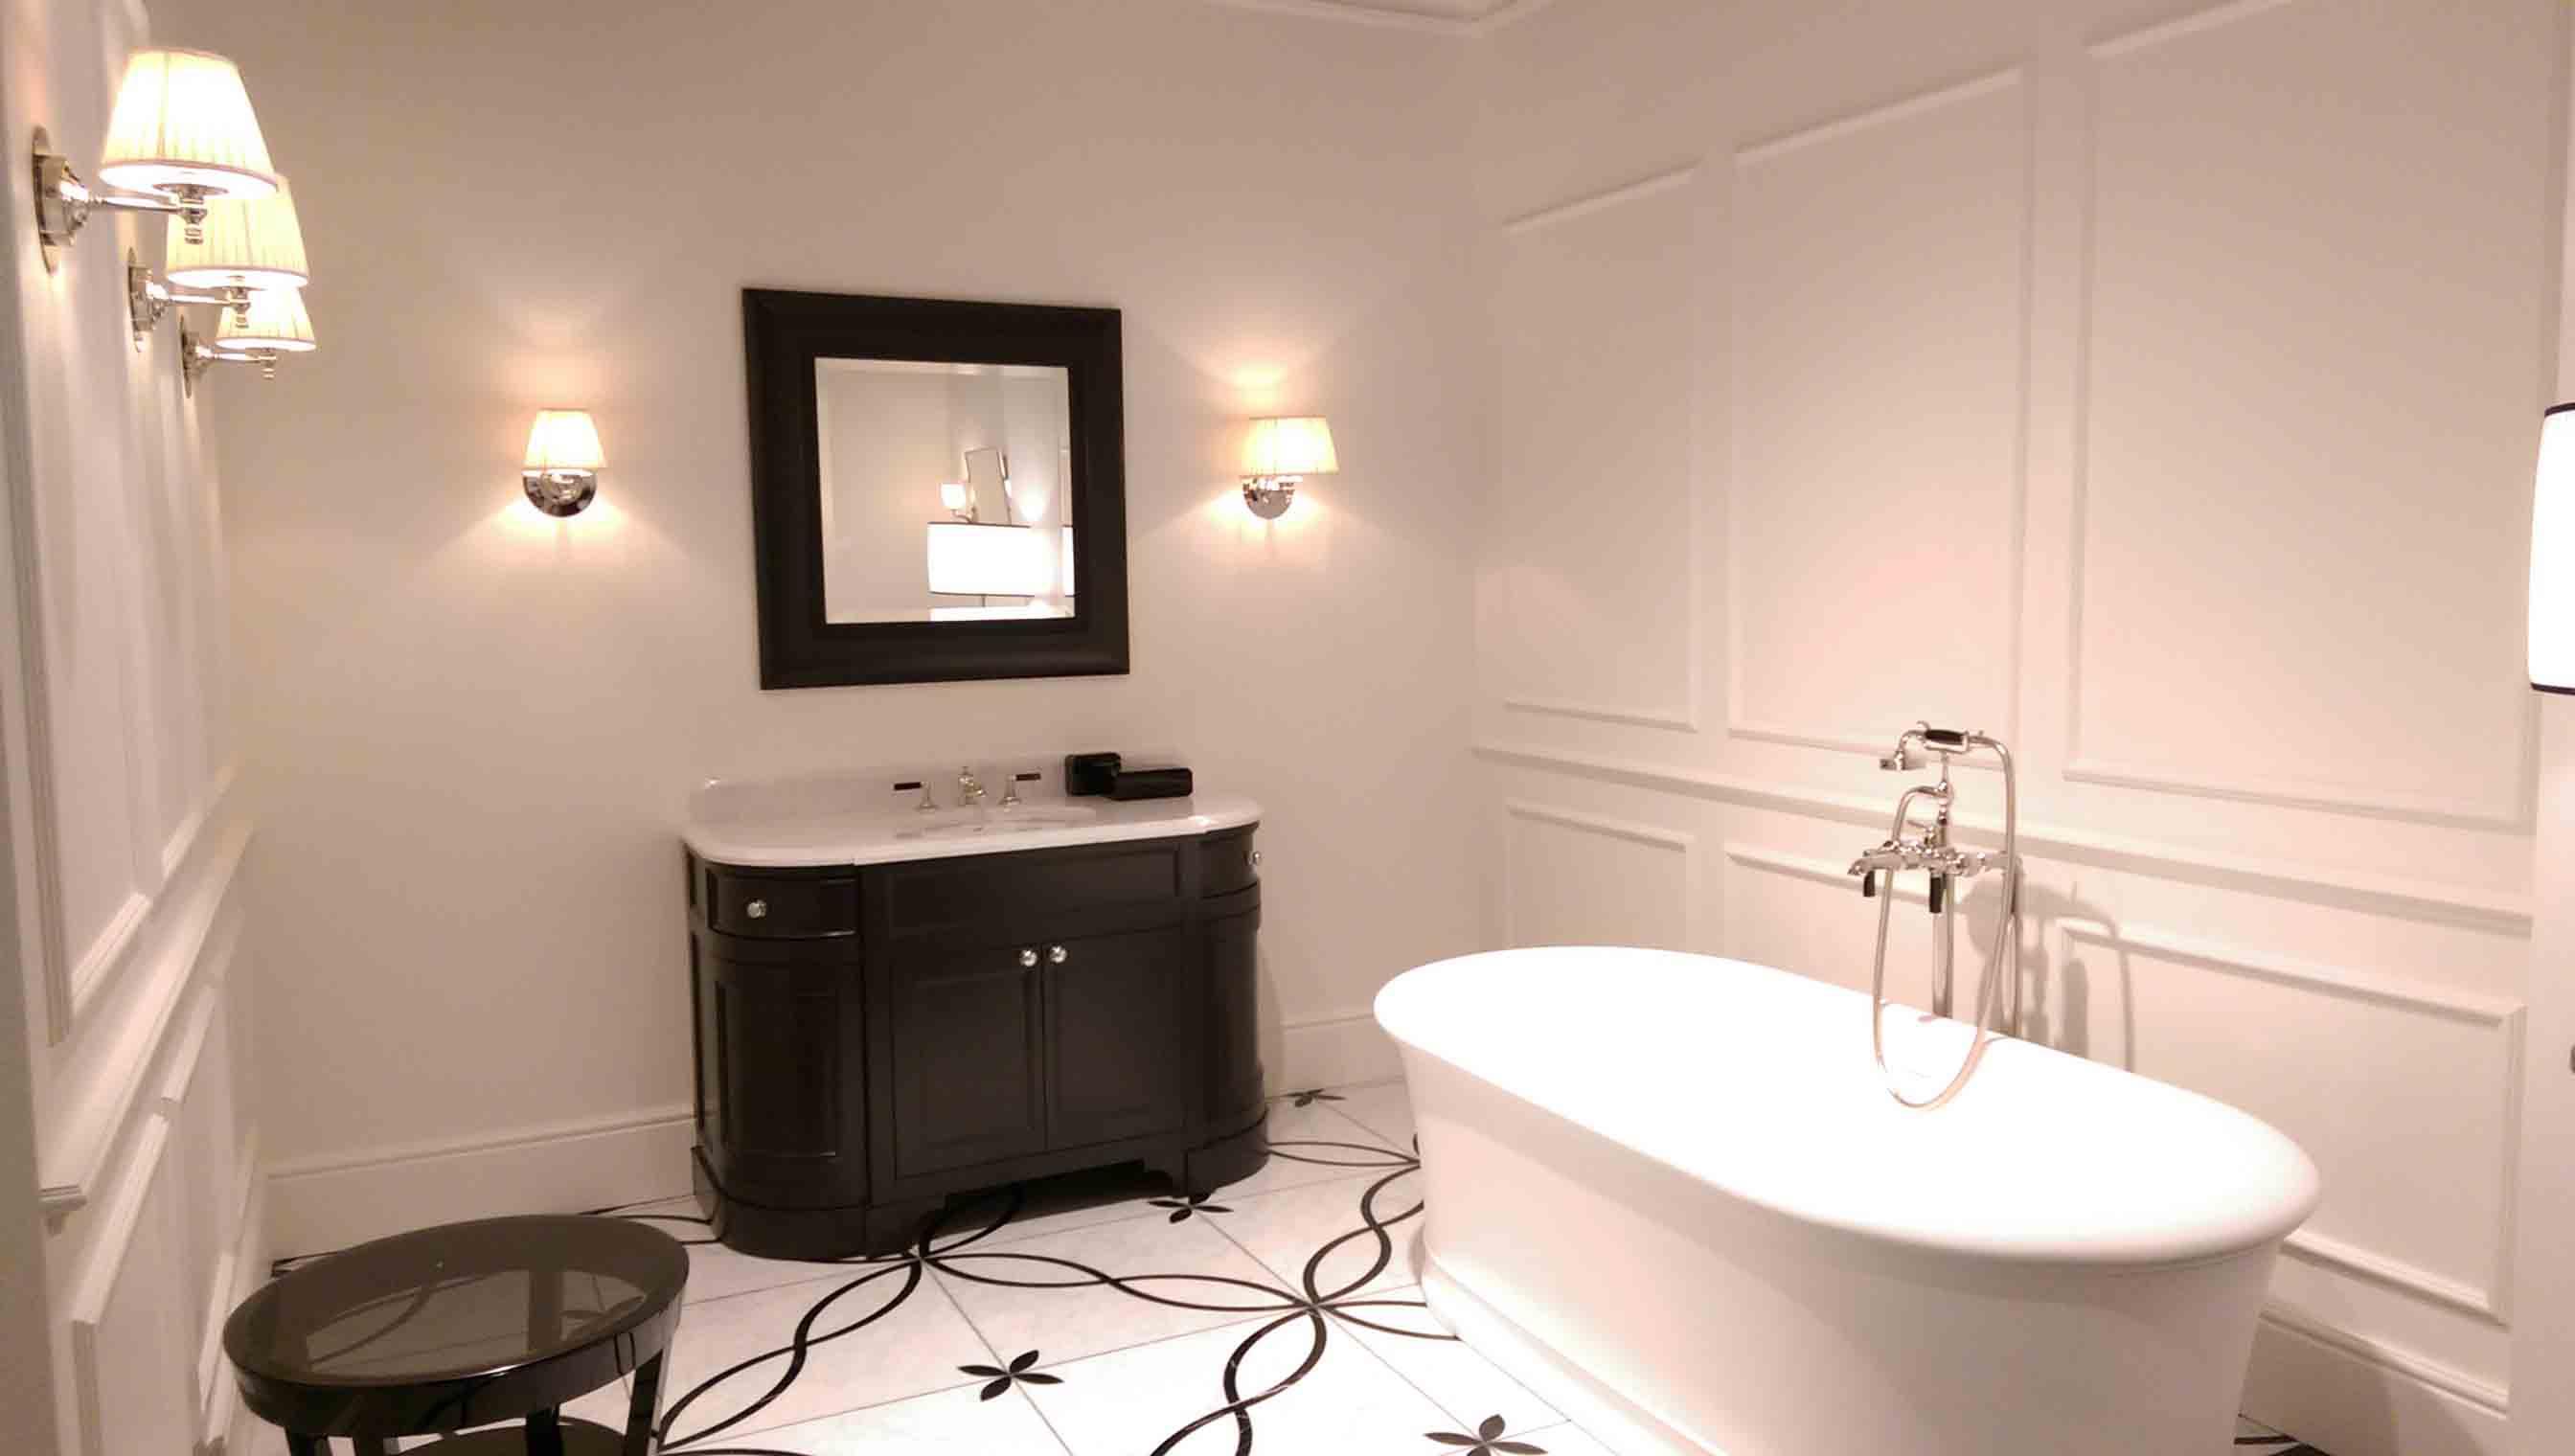 salle-de-bains-retro-bois-coutances - MCO